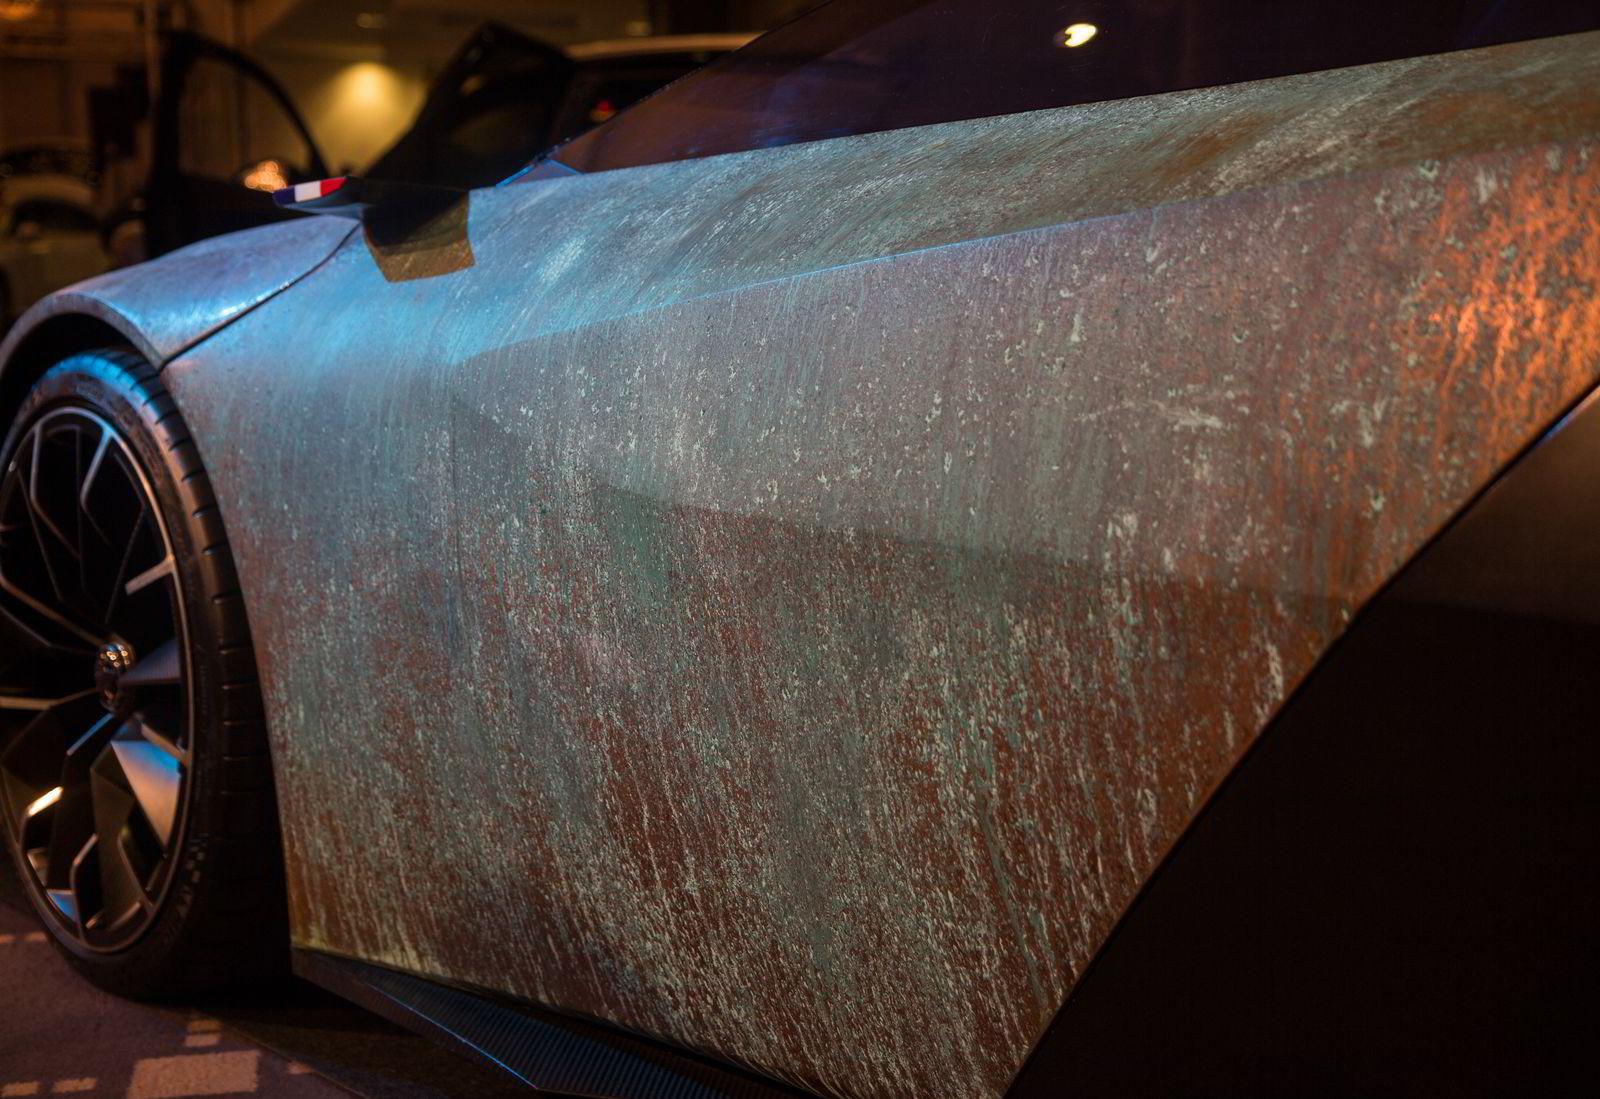 Kobberet har begynnt å irre, ettersom det er et materiale som lever.